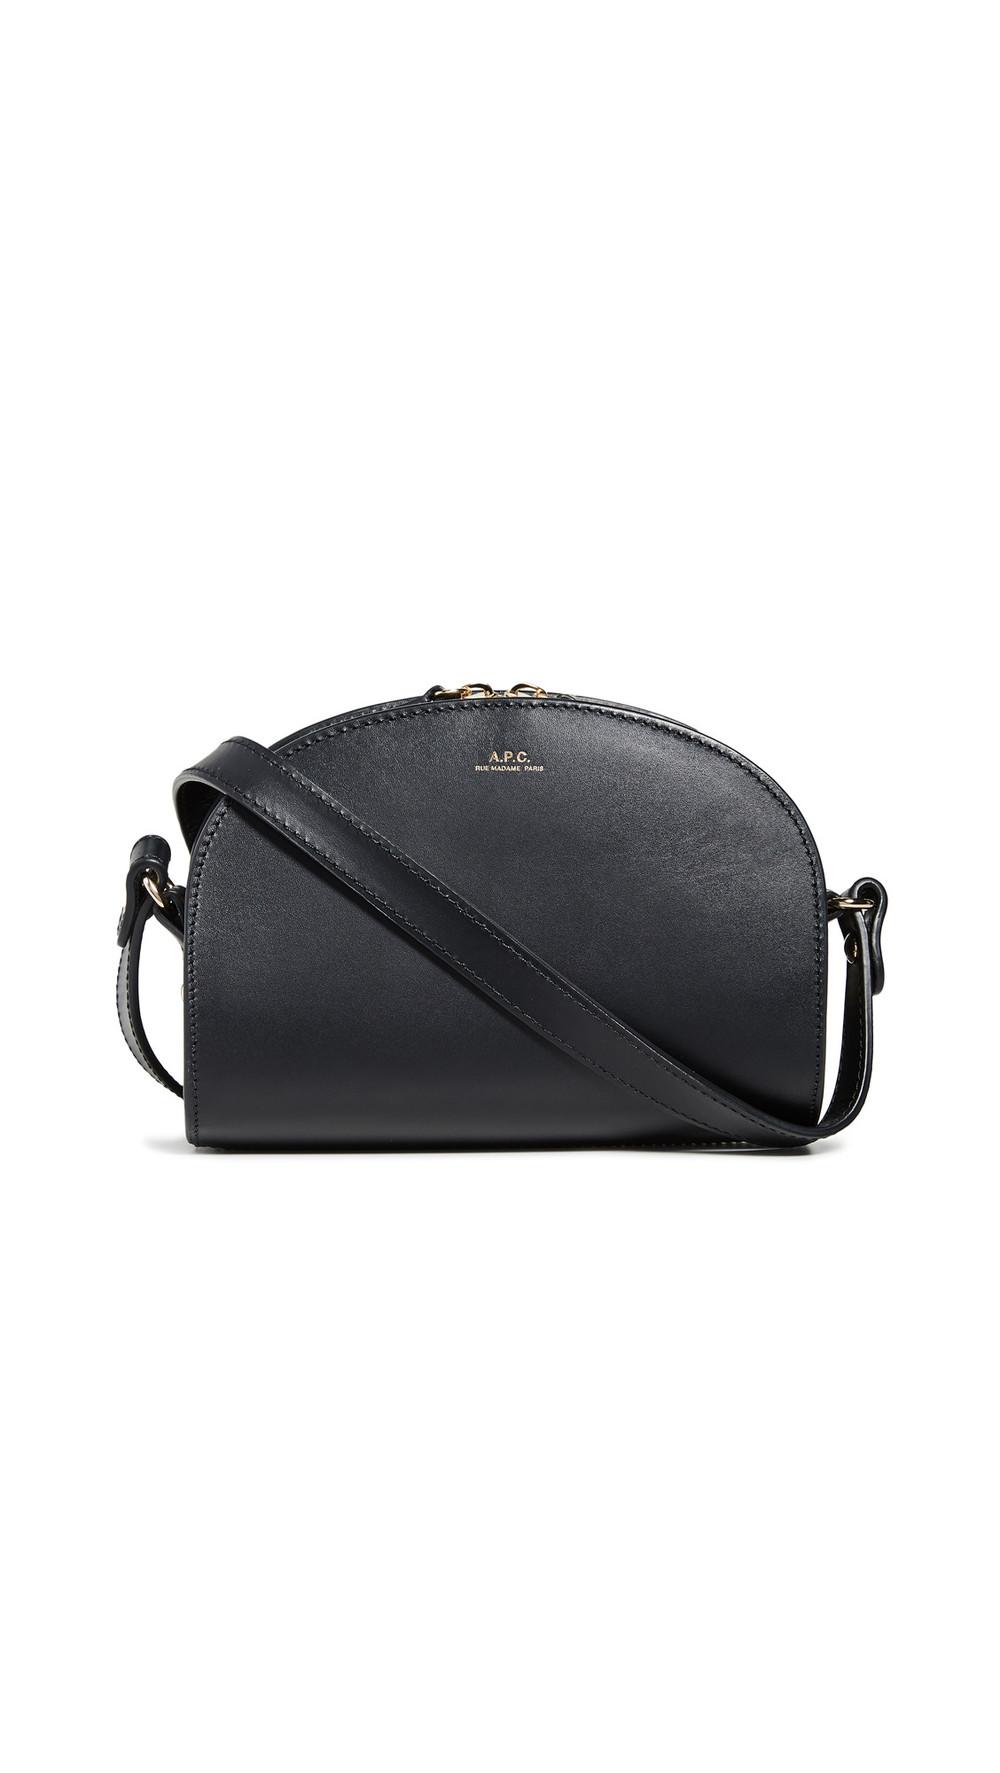 A.P.C. A.P.C. Demi Lune Mini Bag in noir